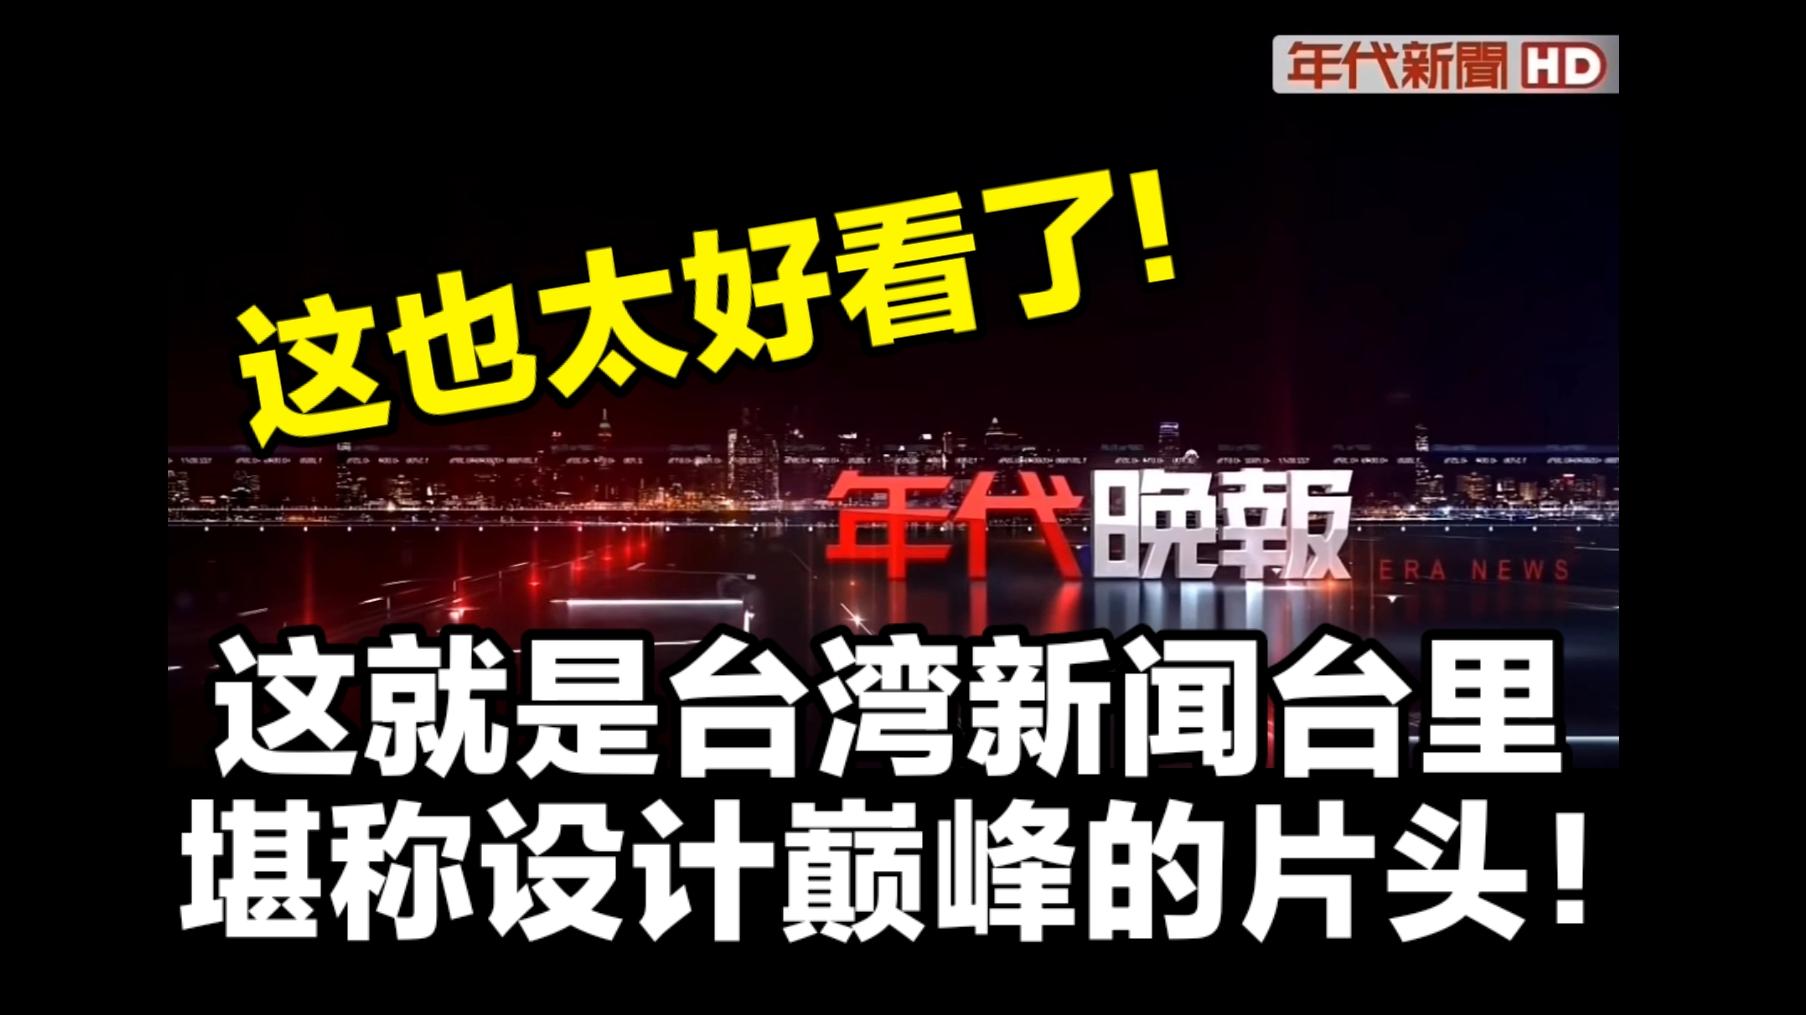 【超好看!】这就是台湾的新闻台里堪称设计巅峰的片头!比公视还好看!